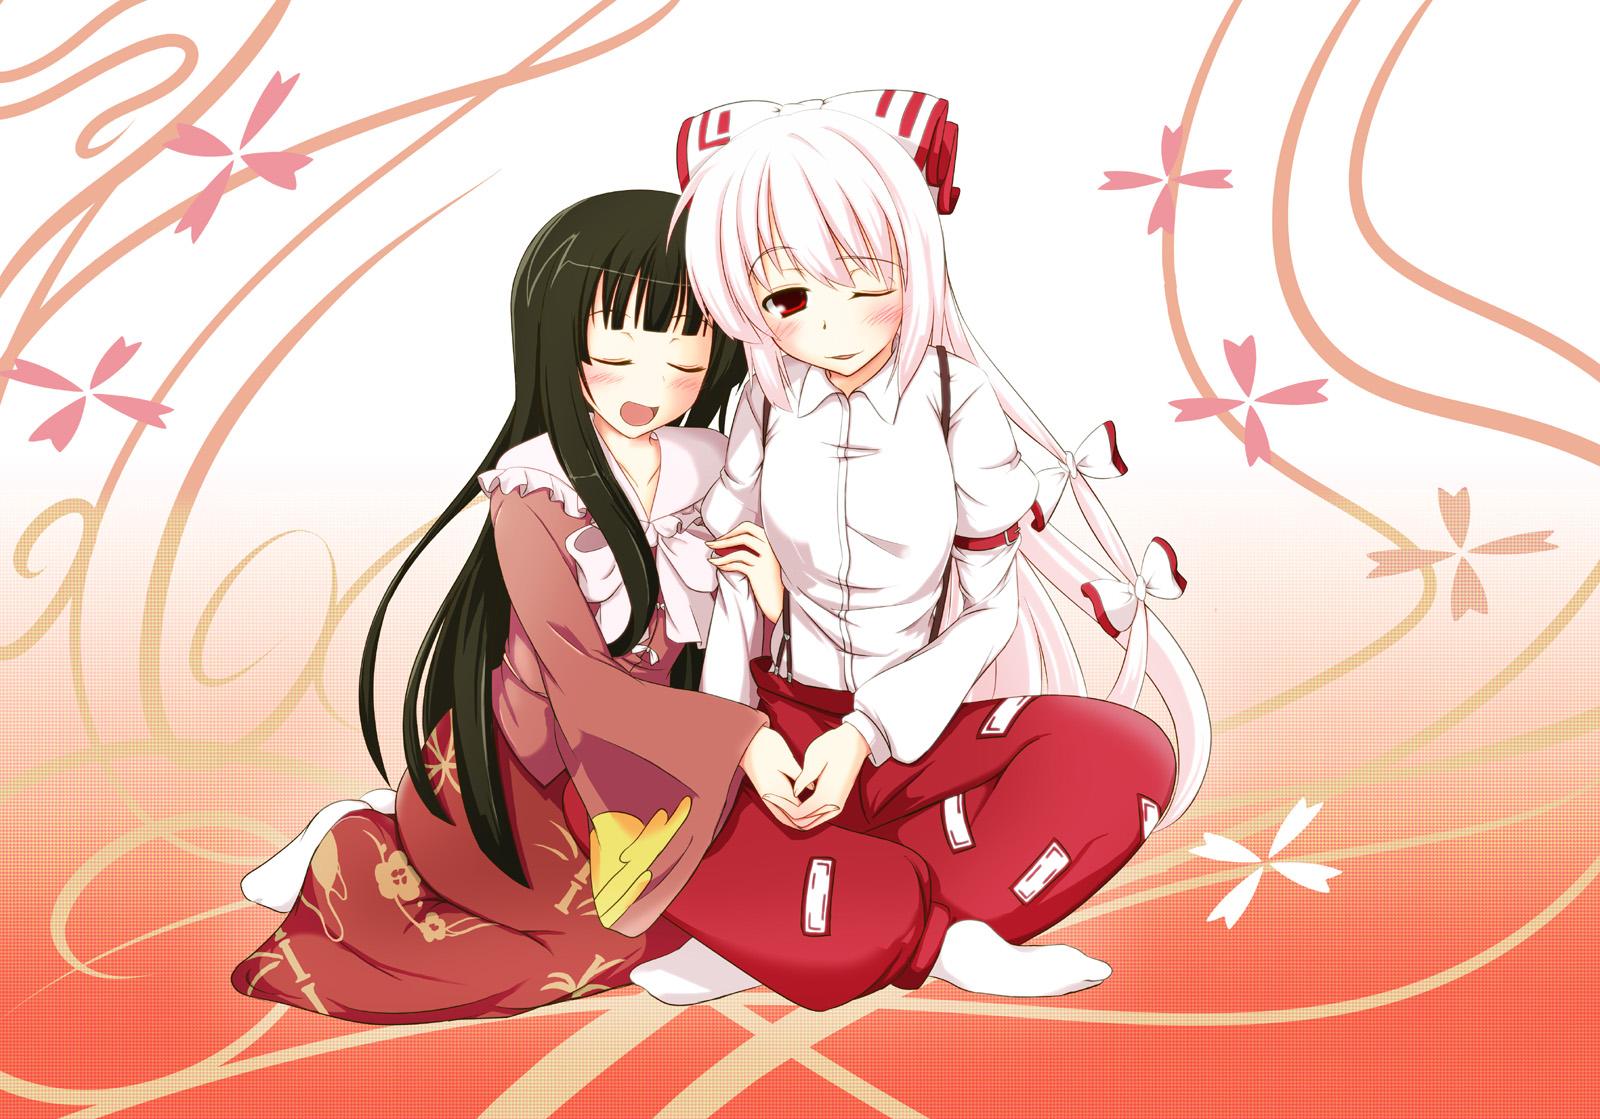 black_hair blush fujiwara_no_mokou houraisan_kaguya japanese_clothes long_hair red_eyes ribbons touhou white_hair wink